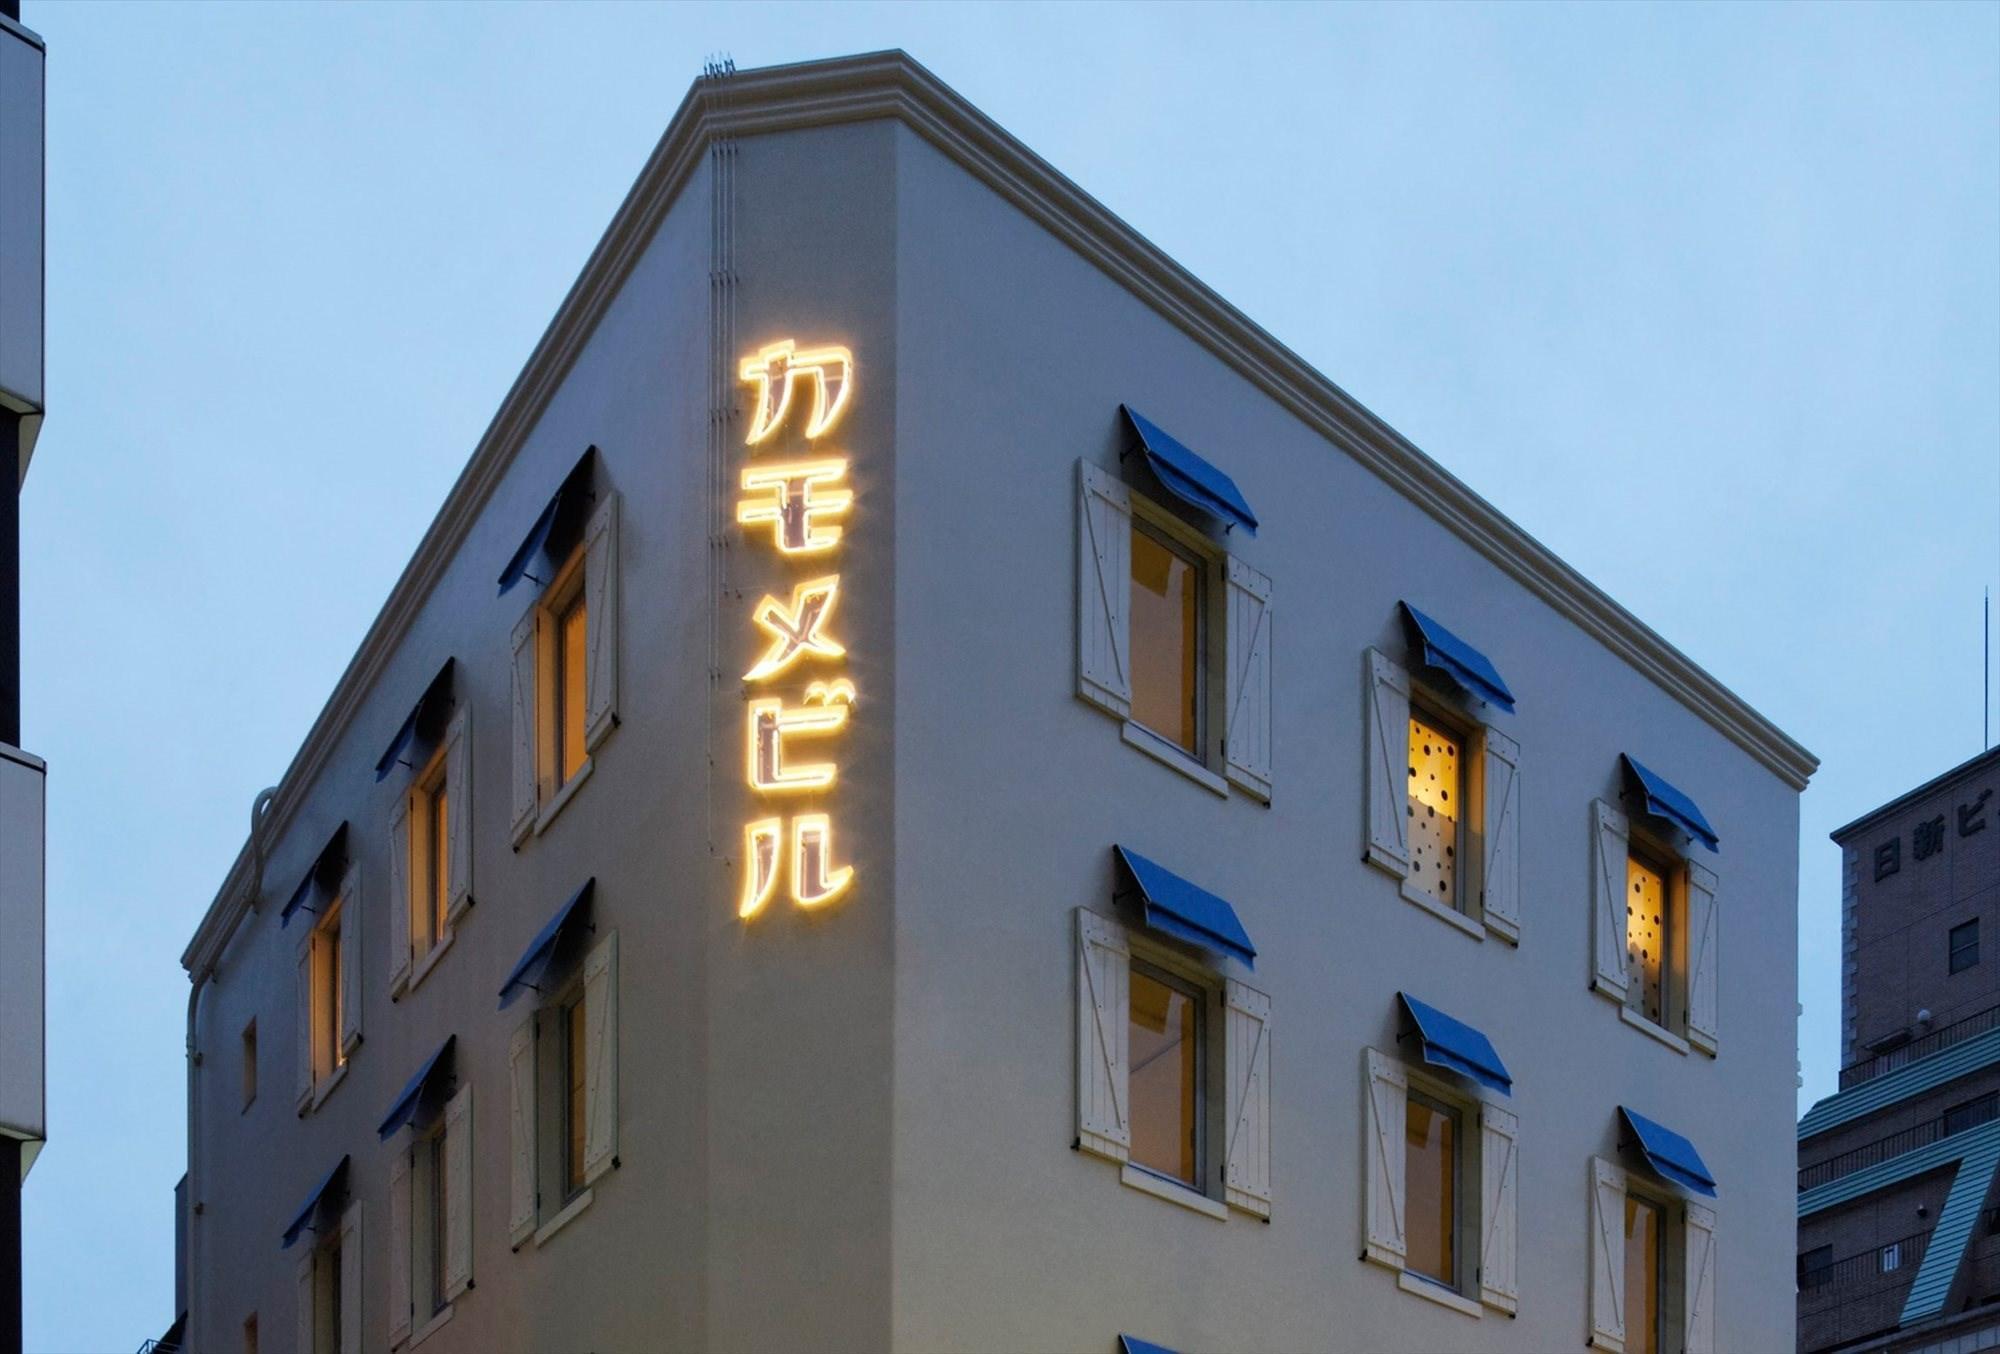 カモメ印のレトロビル (神戸市中央区栄町通の物件) - 神戸R不動産